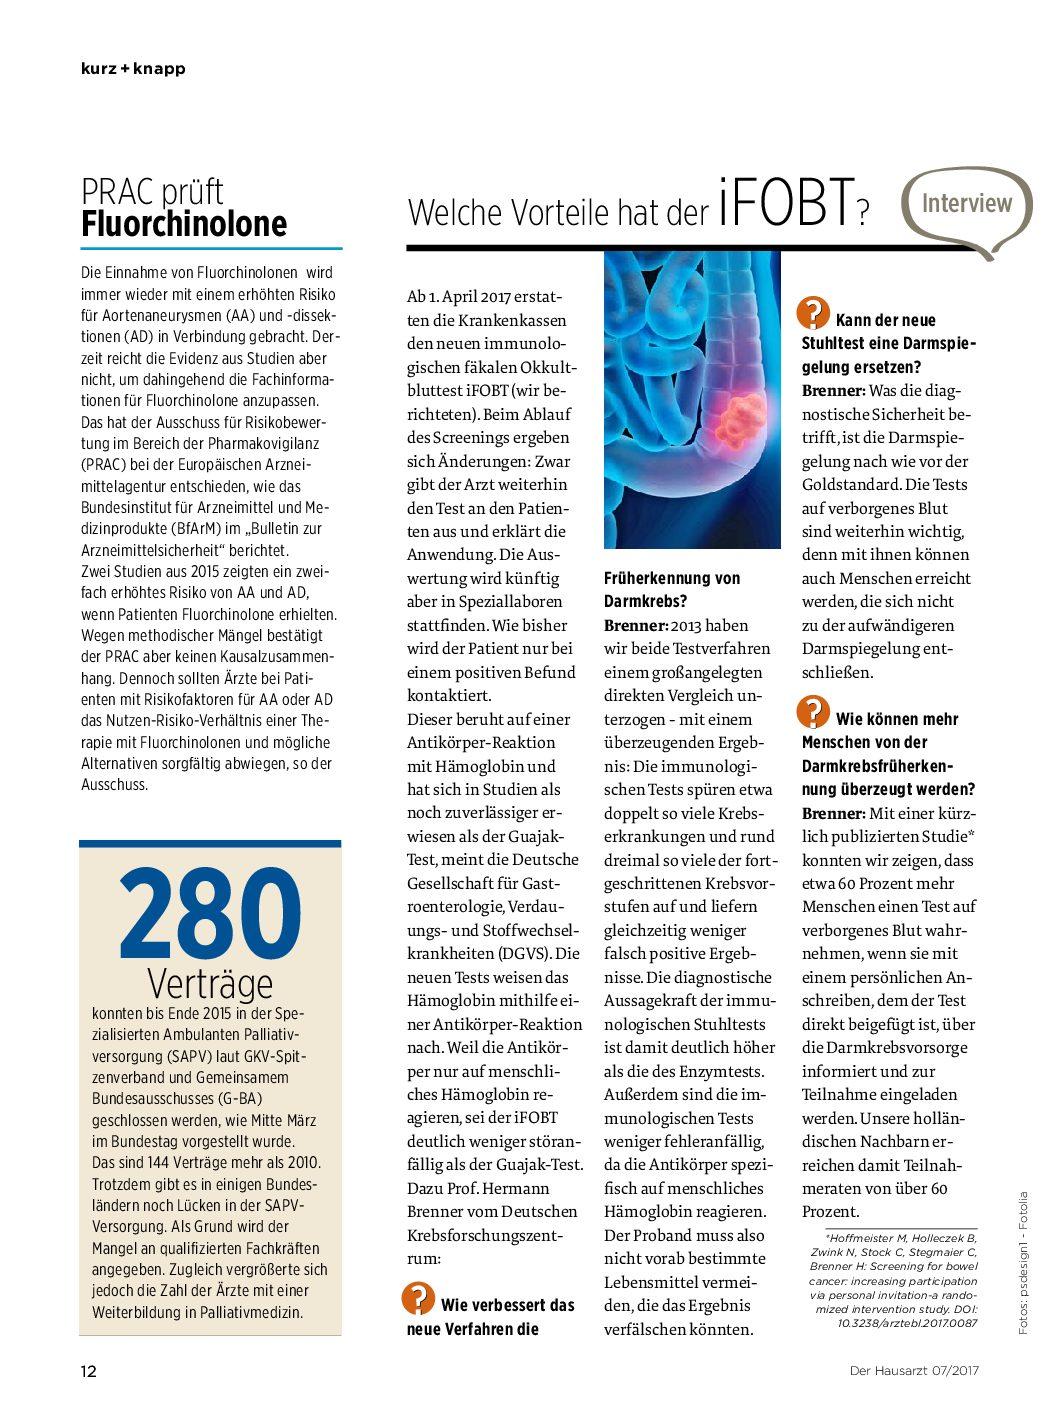 Welche Vorteile hat der iFOBT? – Der Hausarzt